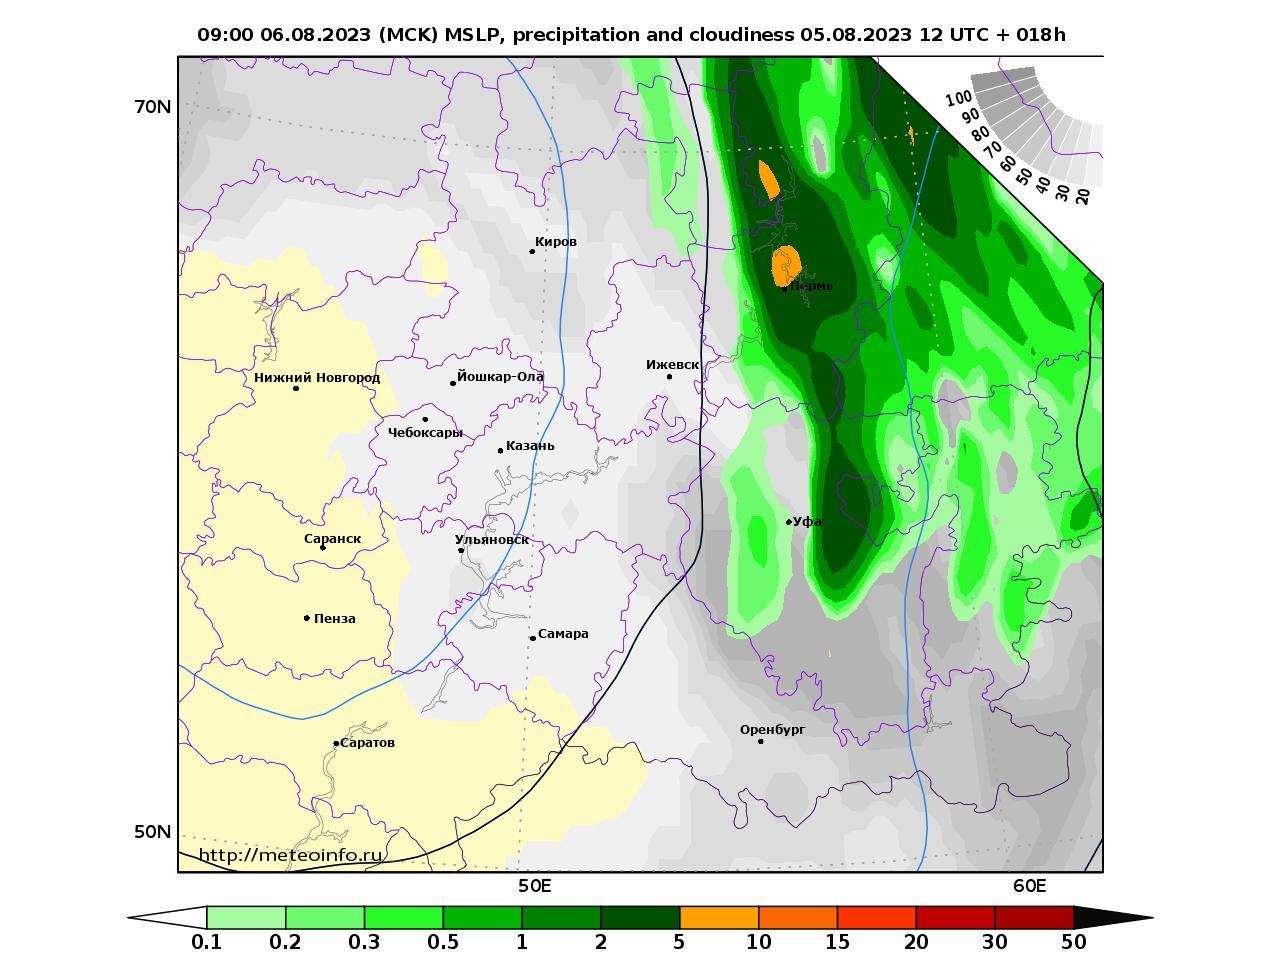 Приволжский Федеральный округ, прогностическая карта осадки и давление, заблаговременность прогноза 18 часов